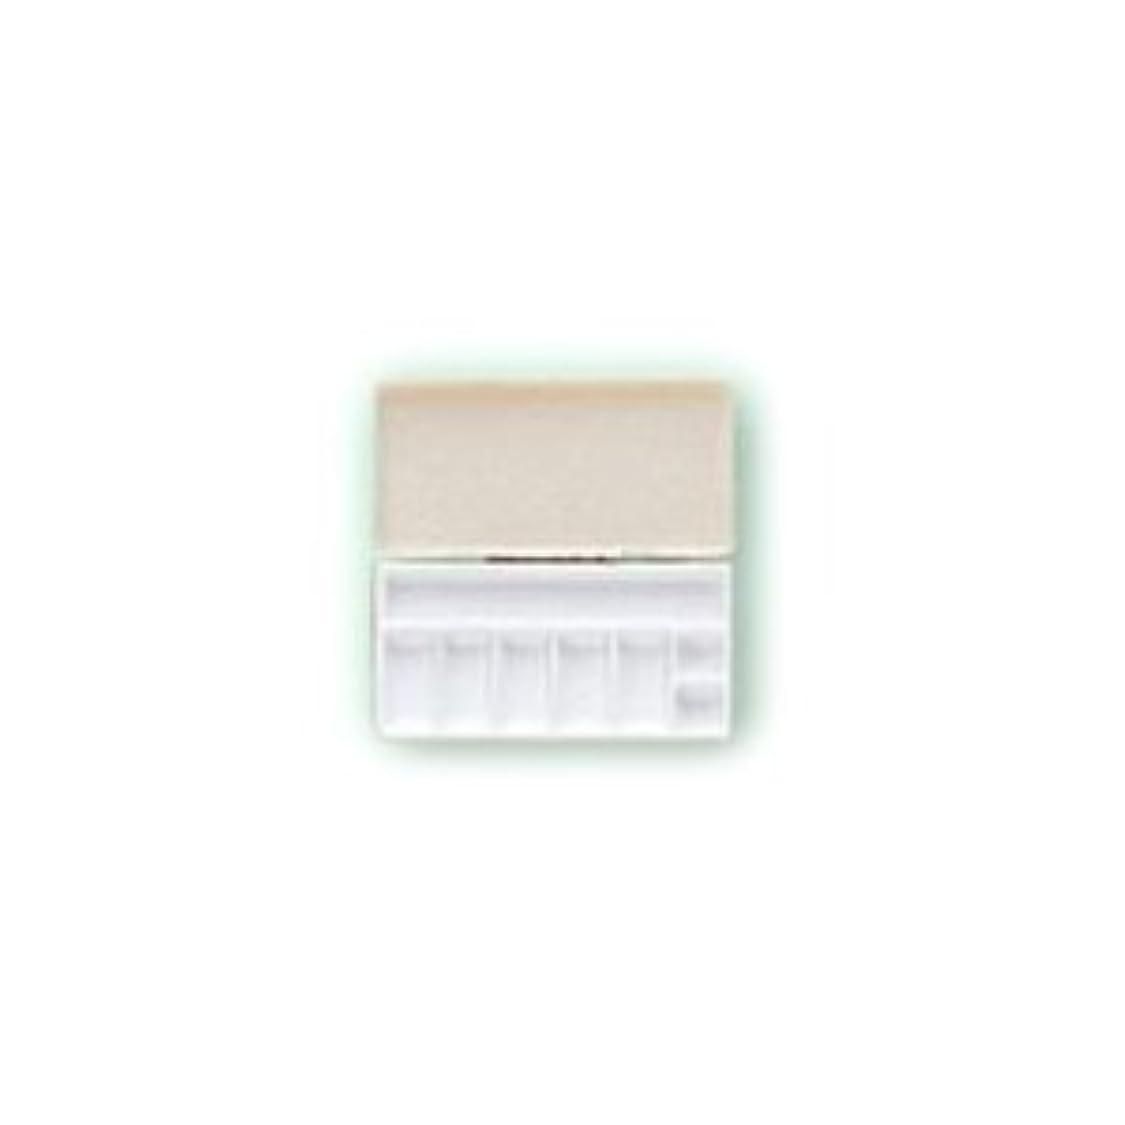 ローズサーキュレーションすばらしいです三善 パレット メイクアップパレット 携帯用パレット 106×53mmサイズ 1 (C)